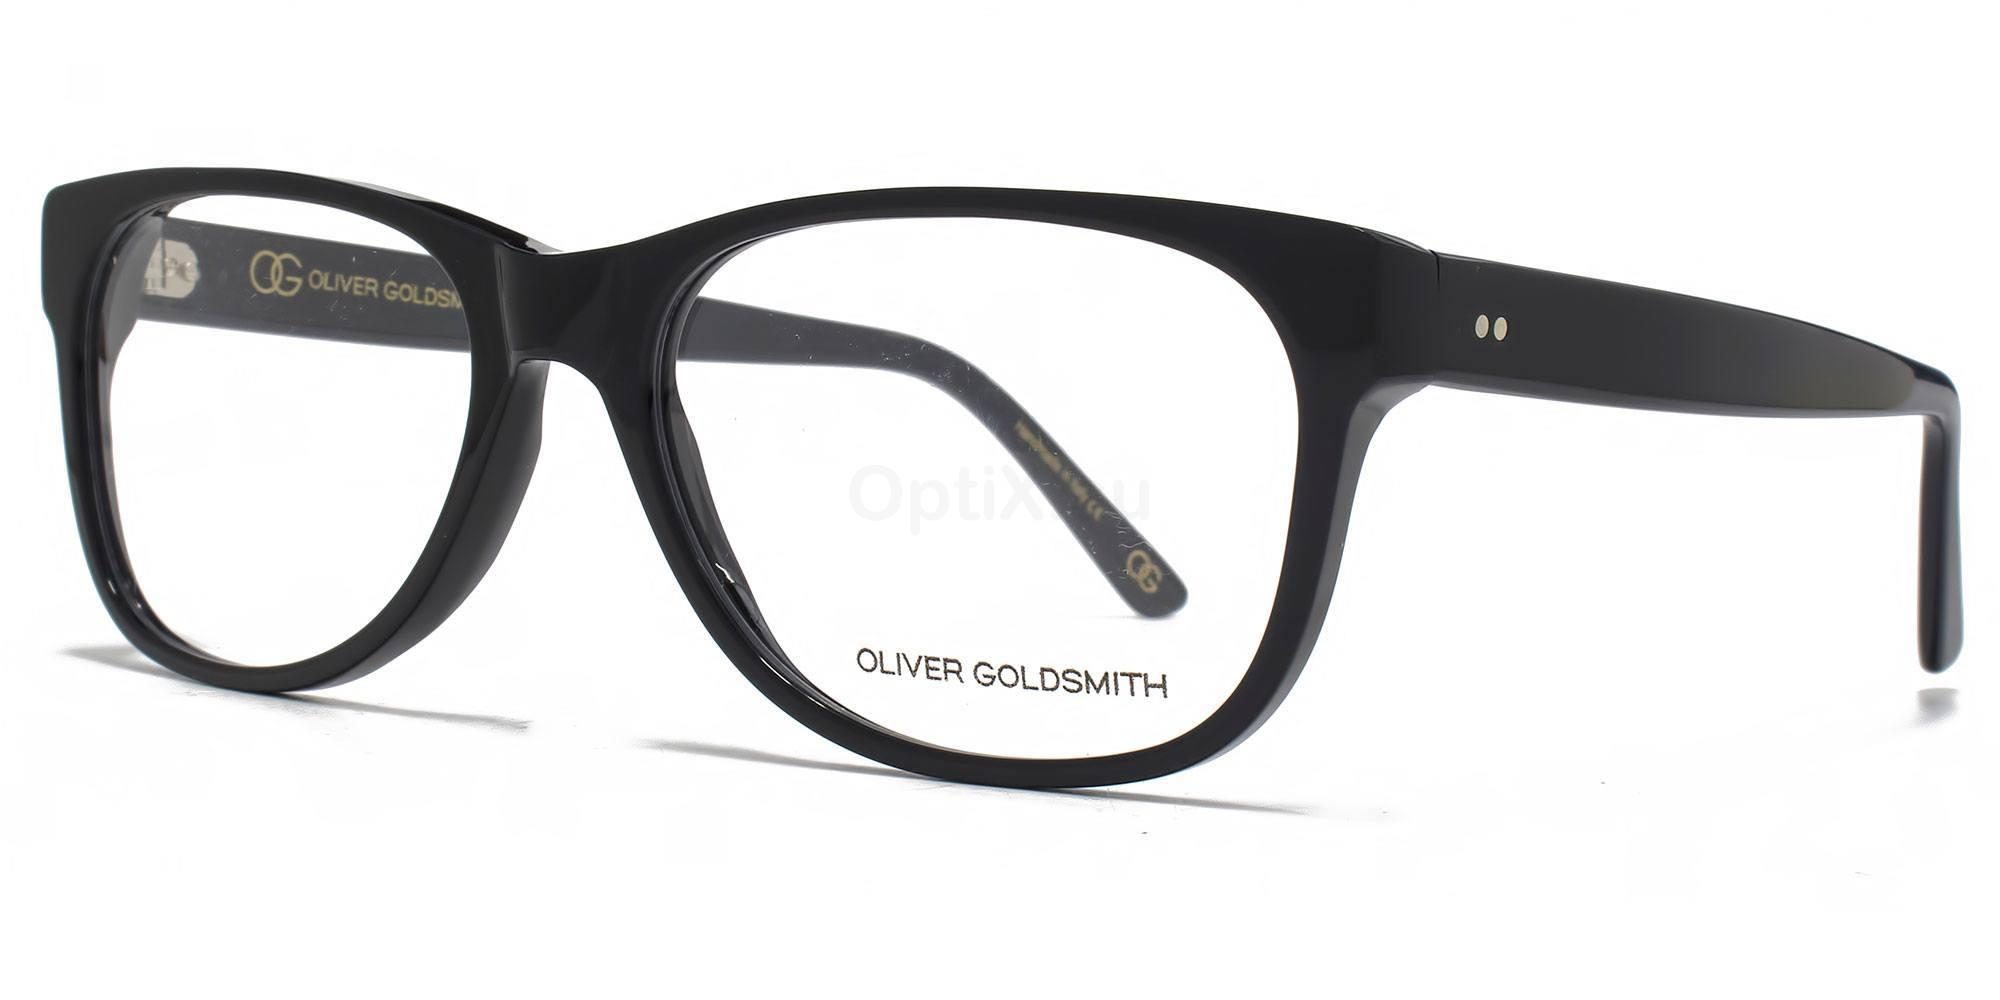 01 OLI008 - ZOOM , Oliver Goldsmith